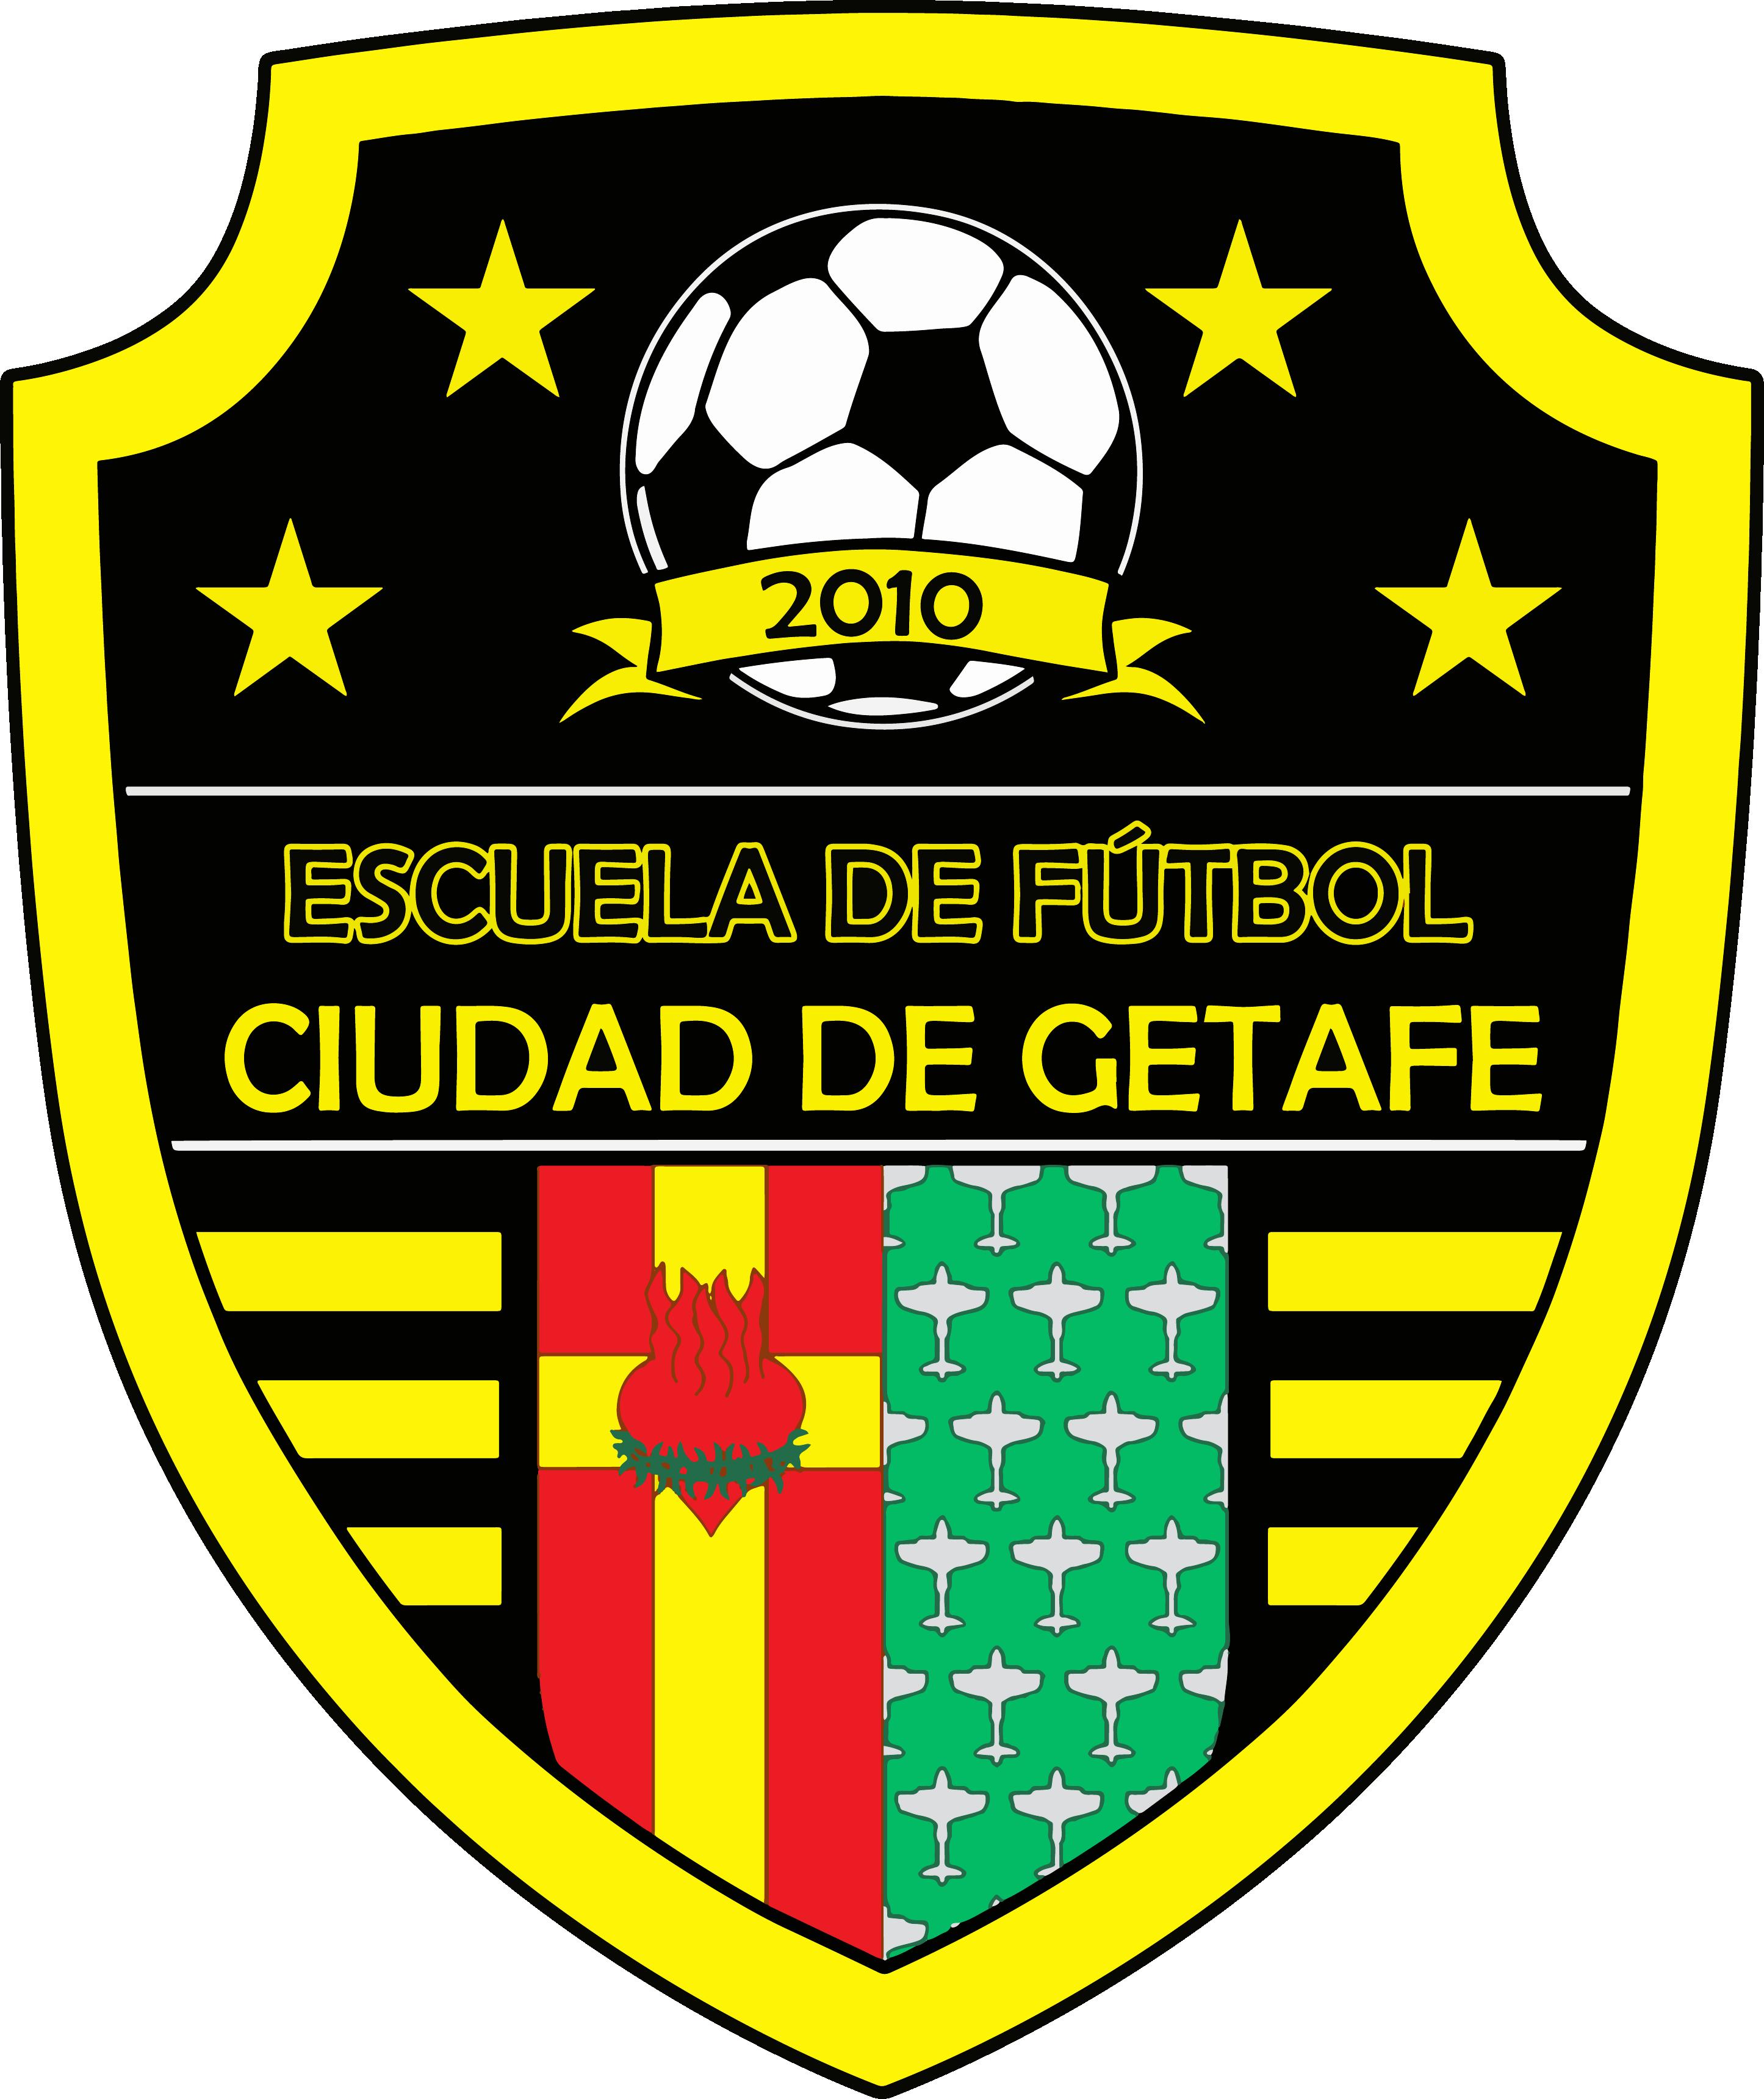 E.F. CIUDAD DE GETAFE